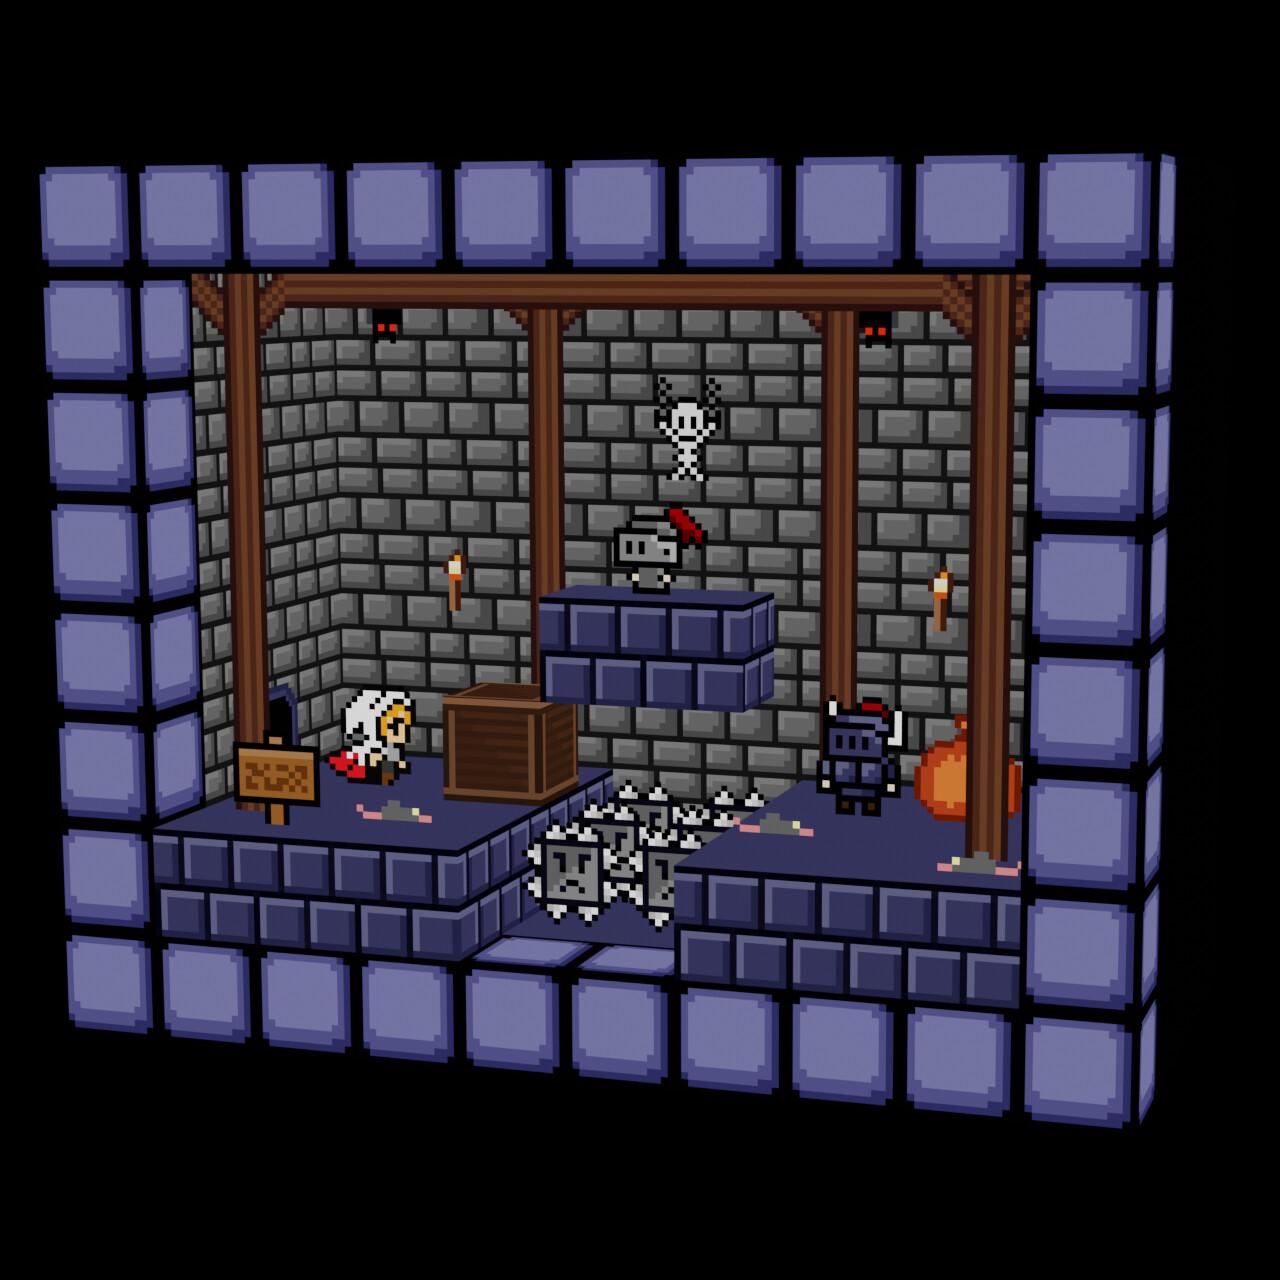 Magick - Chapter 1 (Diorama 3D)